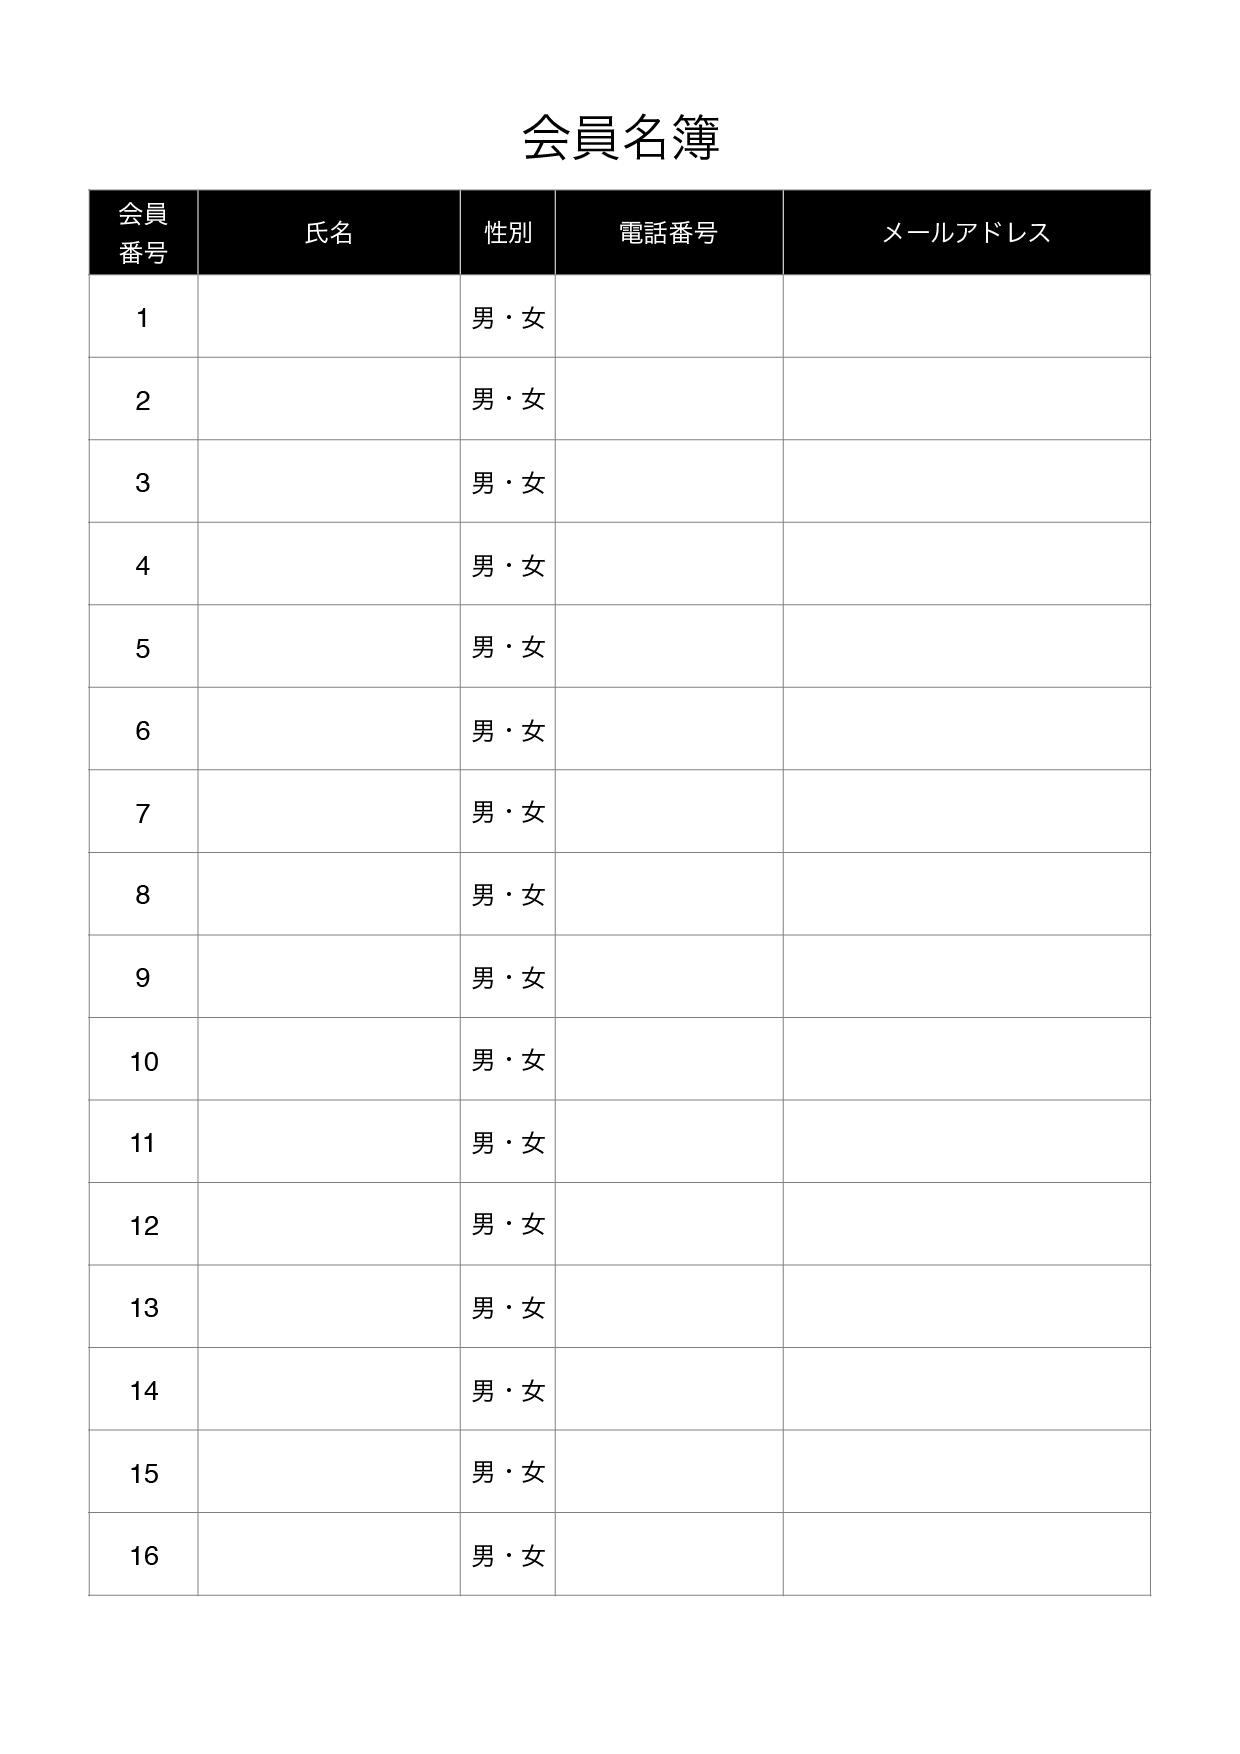 名簿(リスト)テンプレート作成『会員名簿』縦・16人分 Word・Pages